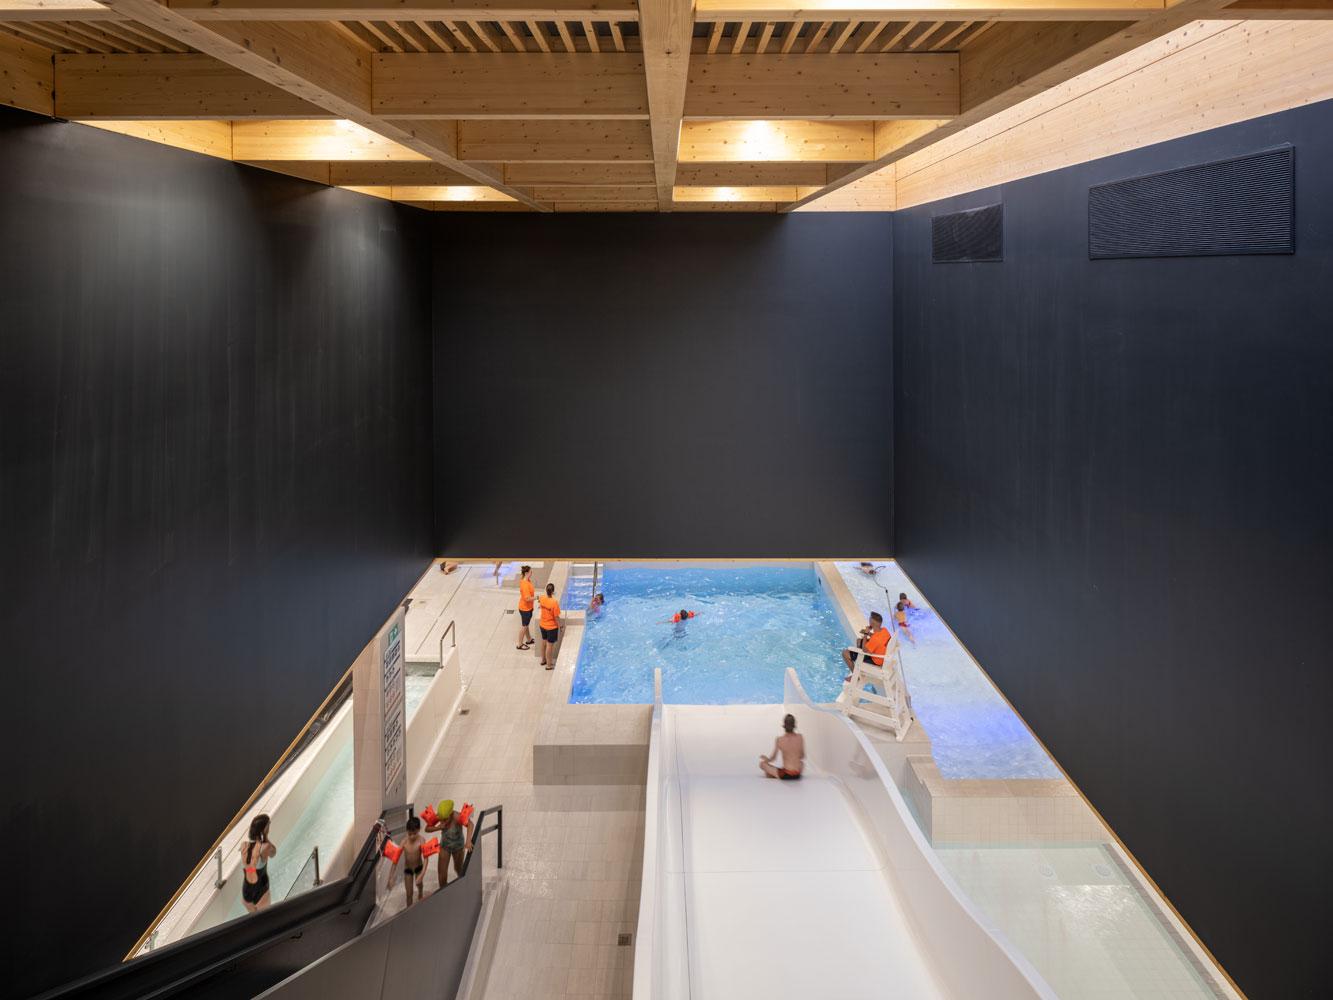 <p>Zwembad Ronse door VenhoevenCS. Beeld Ossip van Duivenbode</p>